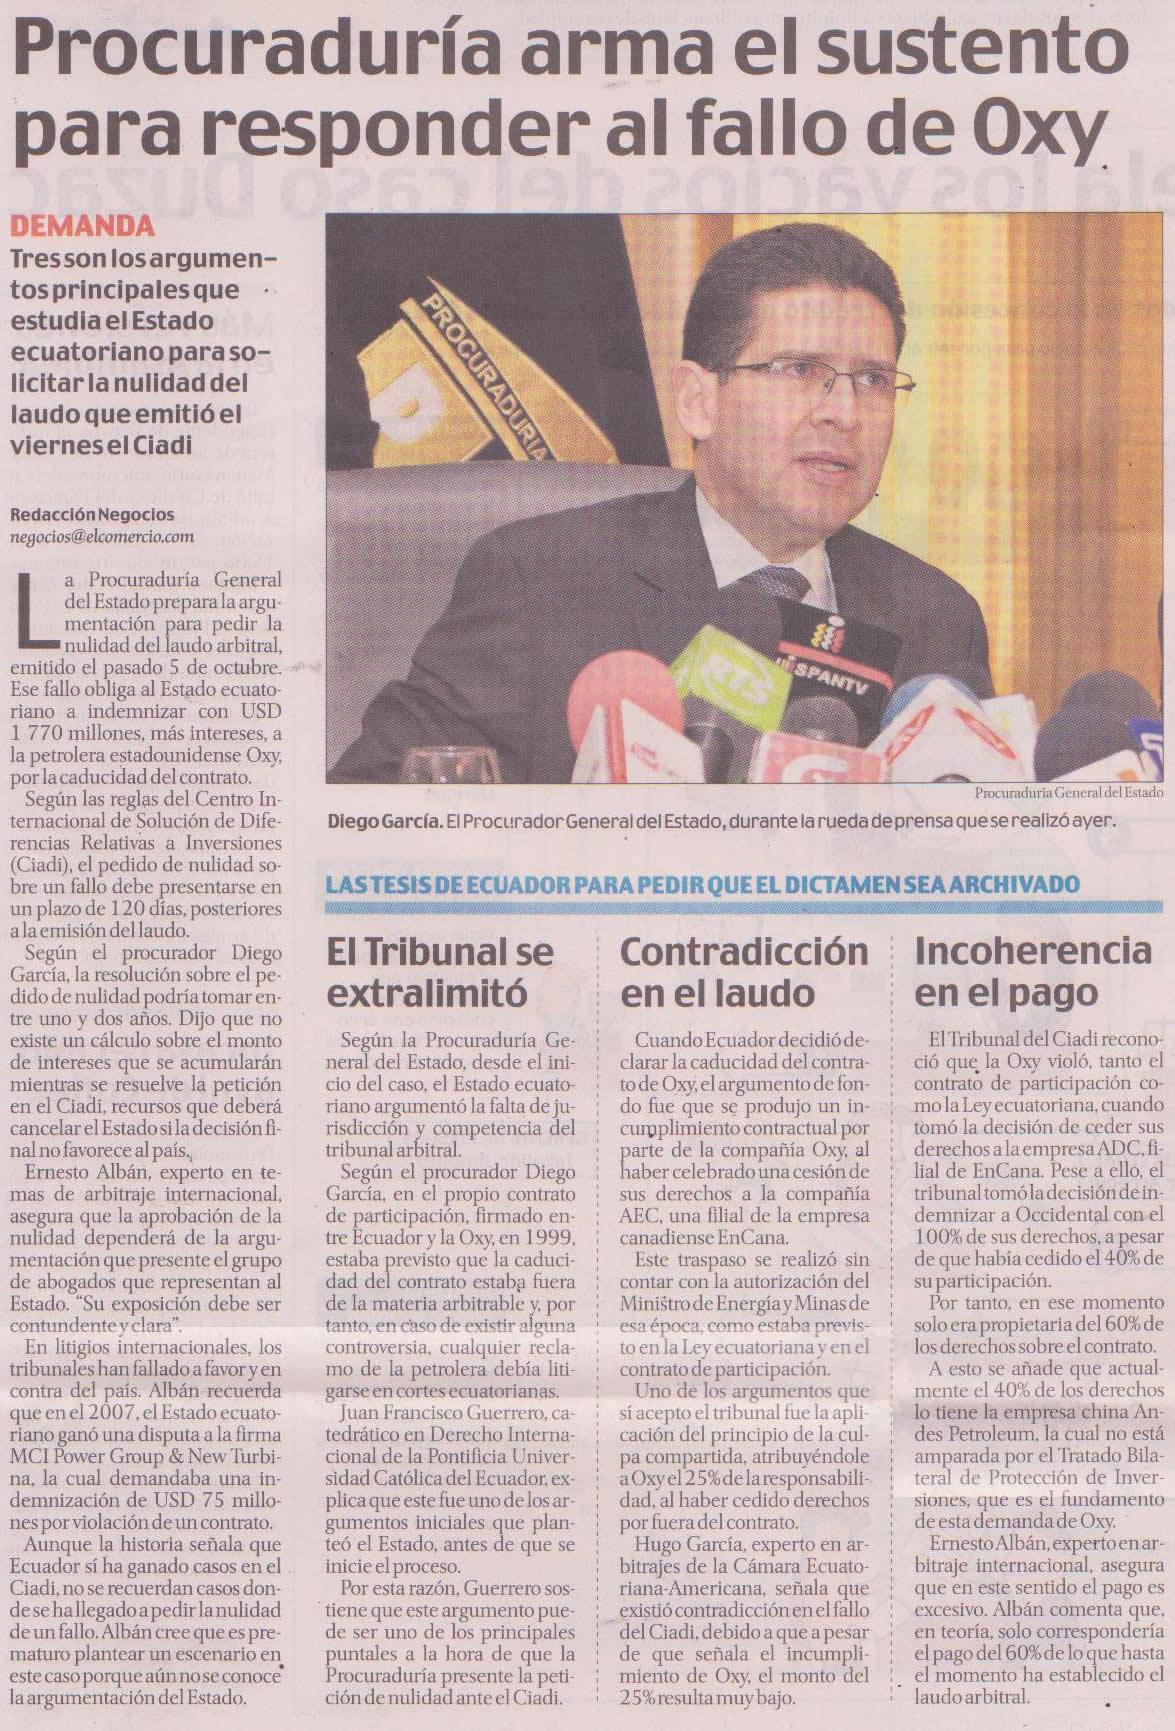 46-El Comercio, Procuraduria arma el sustento para responder al fallo de Oxy 09 10